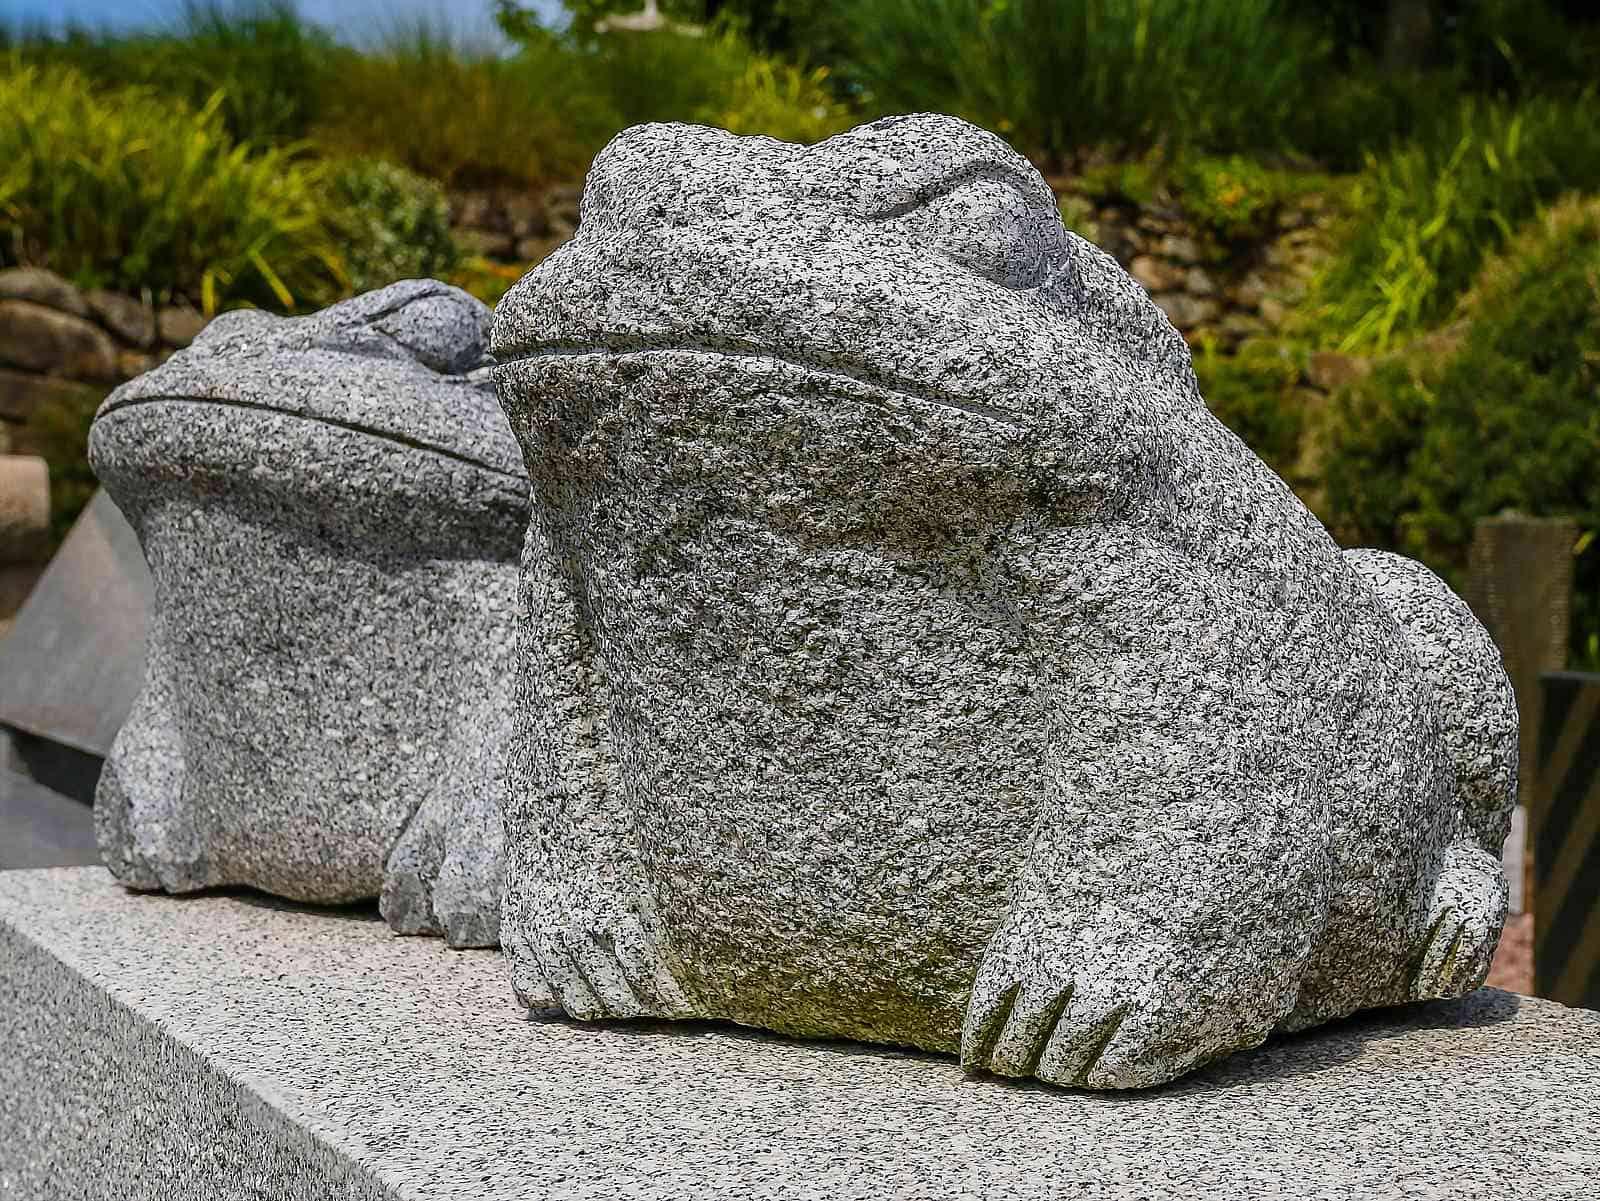 Granitfrösche auf Gartenbank